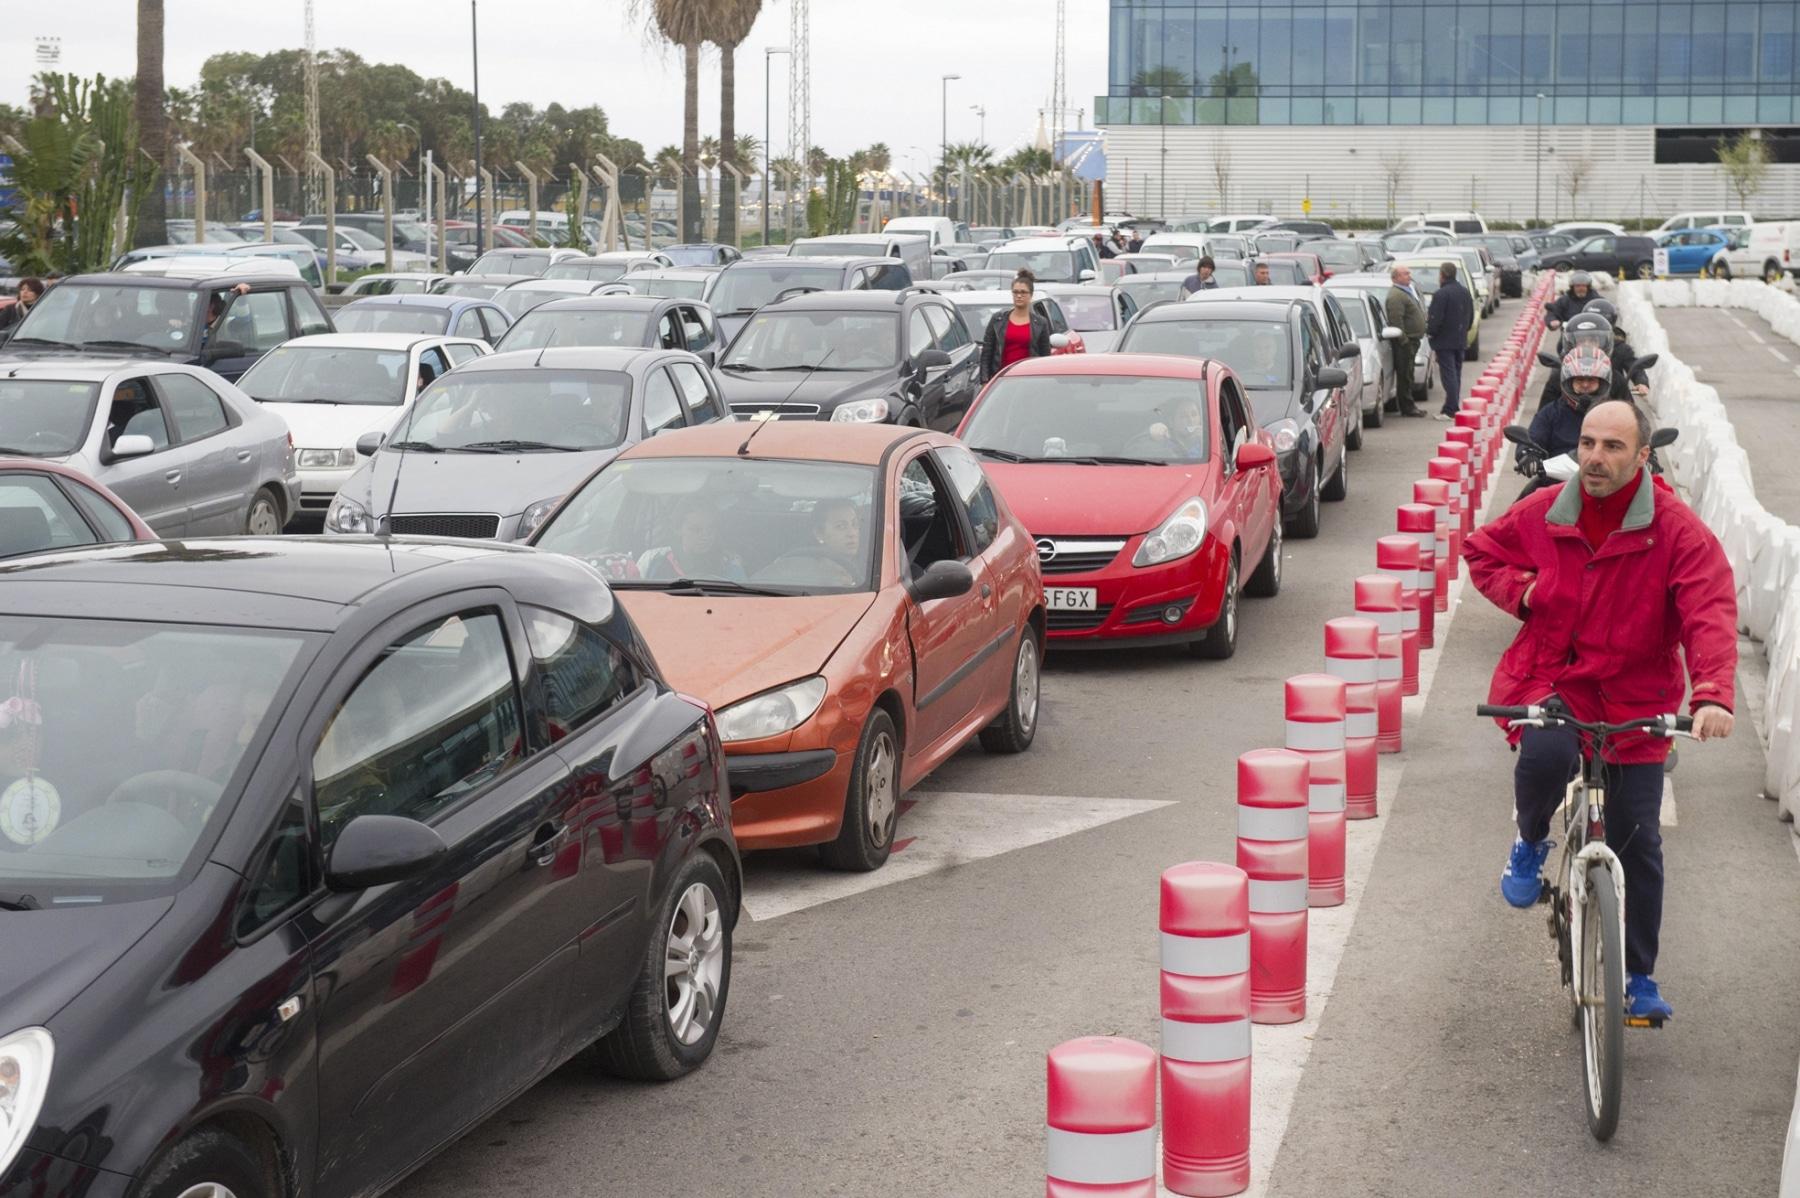 colas-coches-gibraltar-febrero-2014-2_12614309685_o